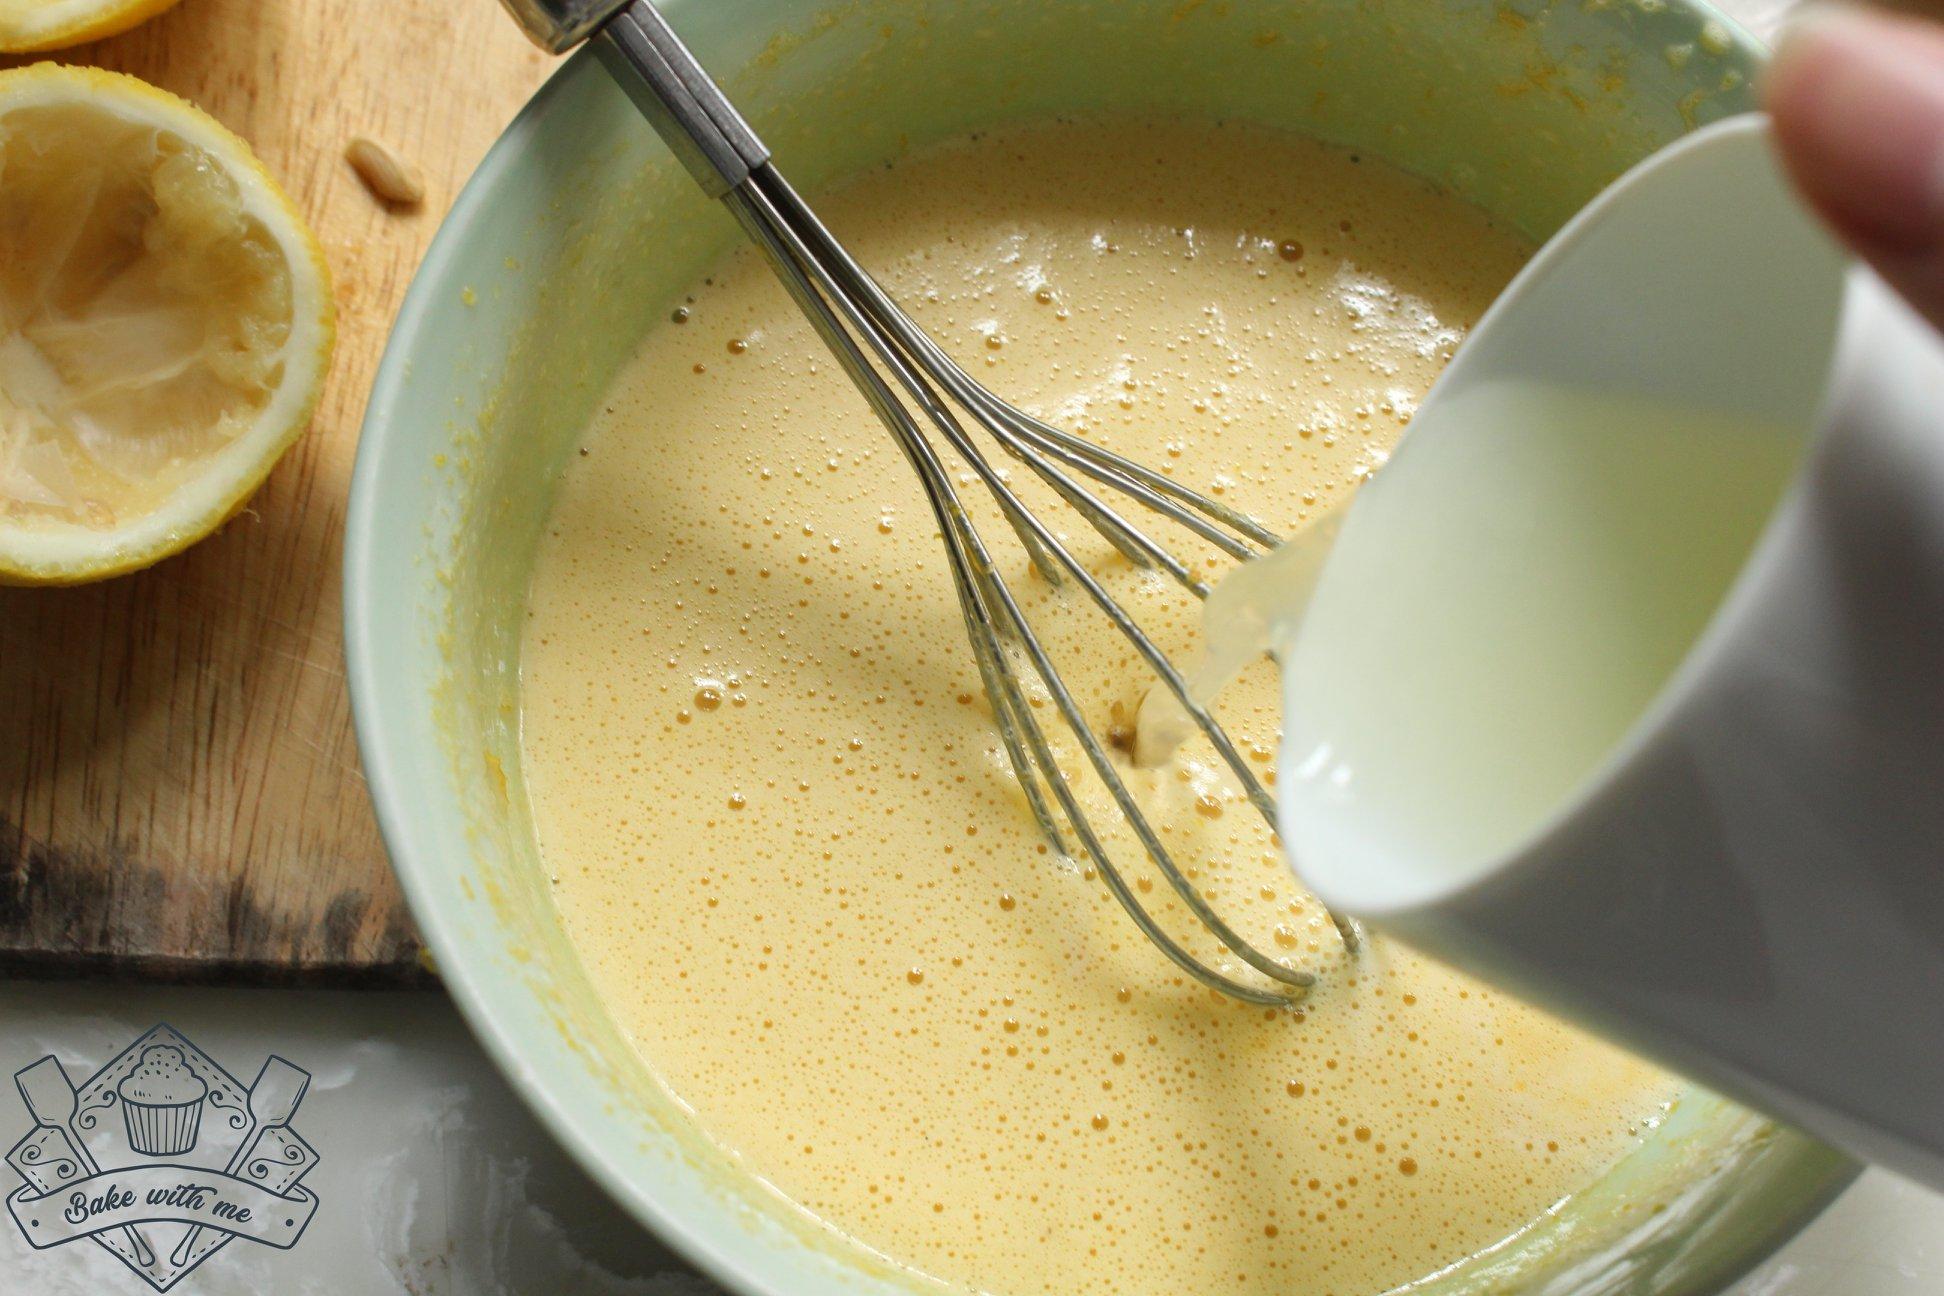 cách làm bánh chiffon 4 cách làm bánh chiffon Cách làm bánh Chiffon chanh việt quất đẹp như cơn gió thu cach lam banh chiffon 4